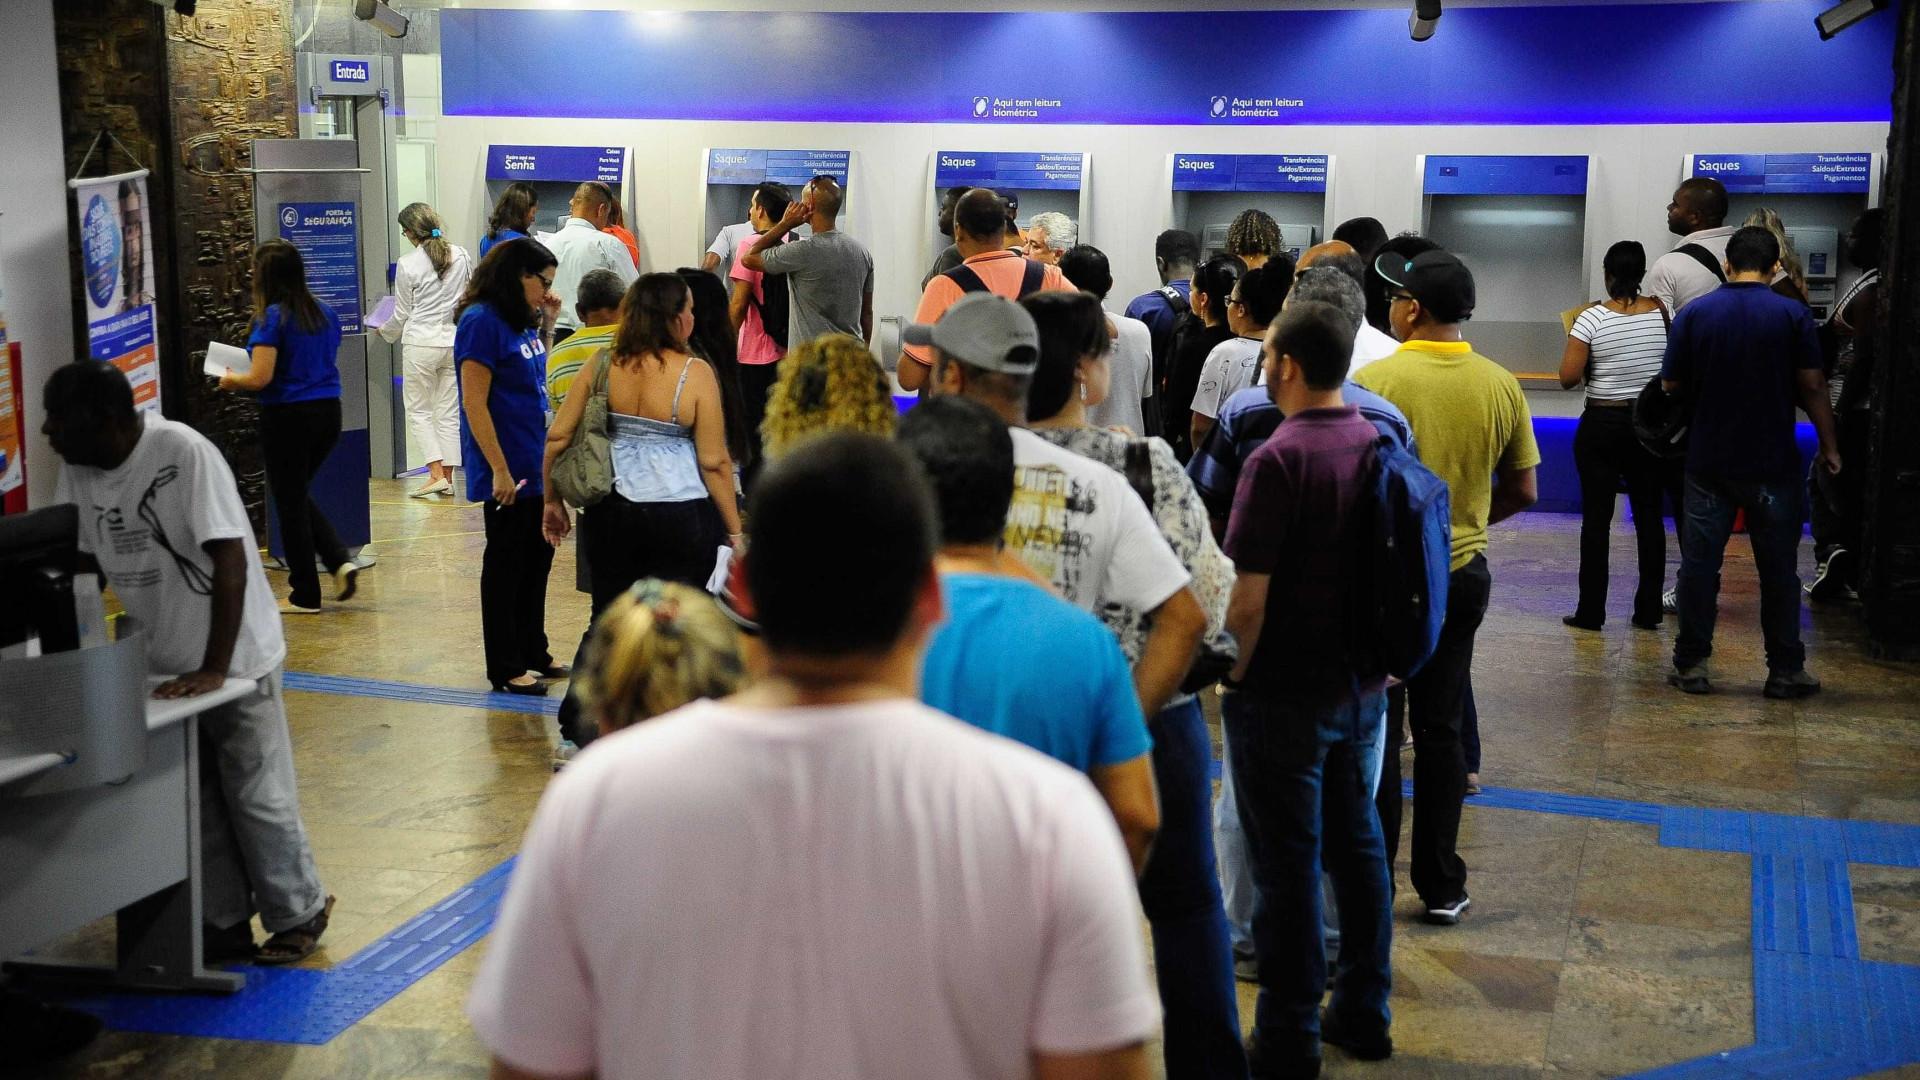 90 mil contribuintes baianos recebem restituição nesta terça — IR